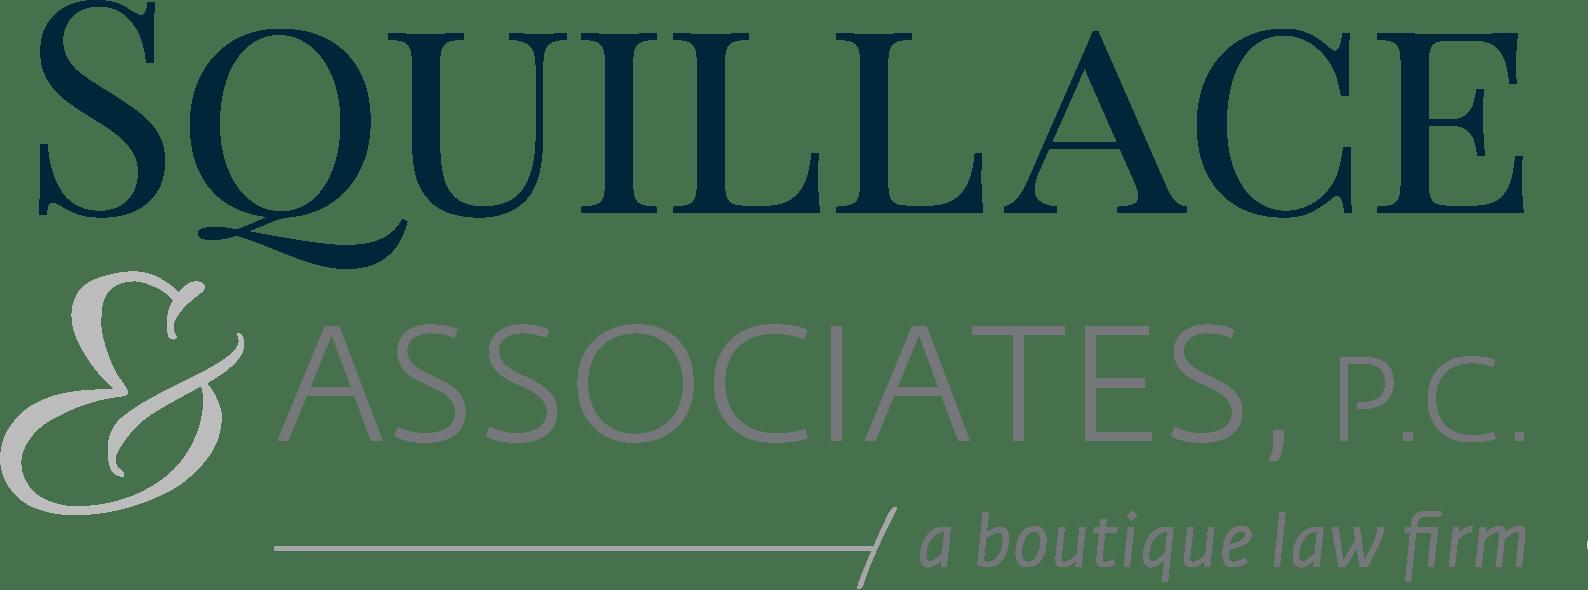 Squillace & Associates, P.C. logo